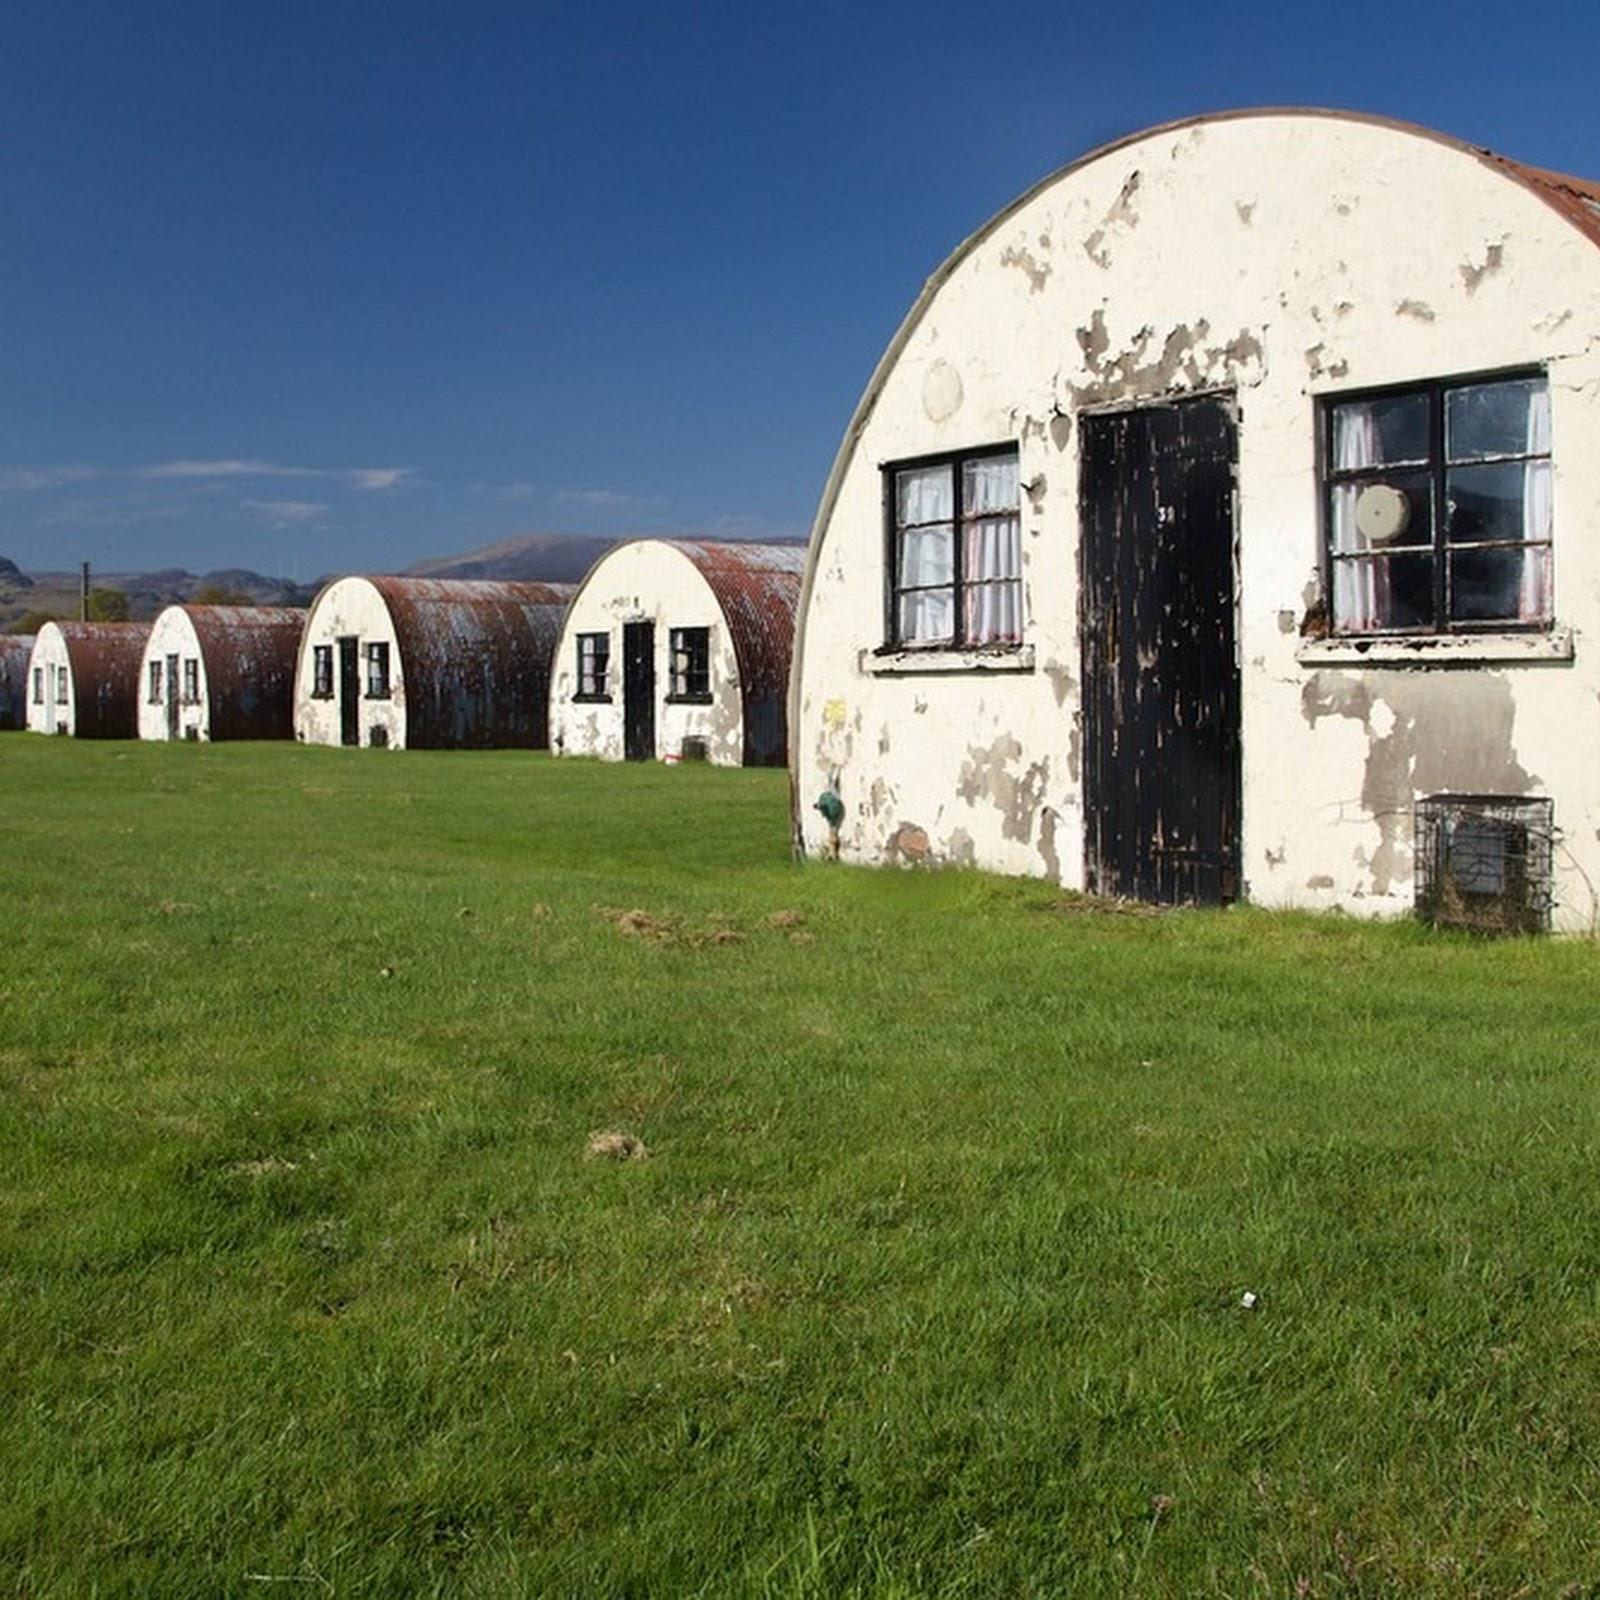 Cultybraggan: Britain's Last POW Camp